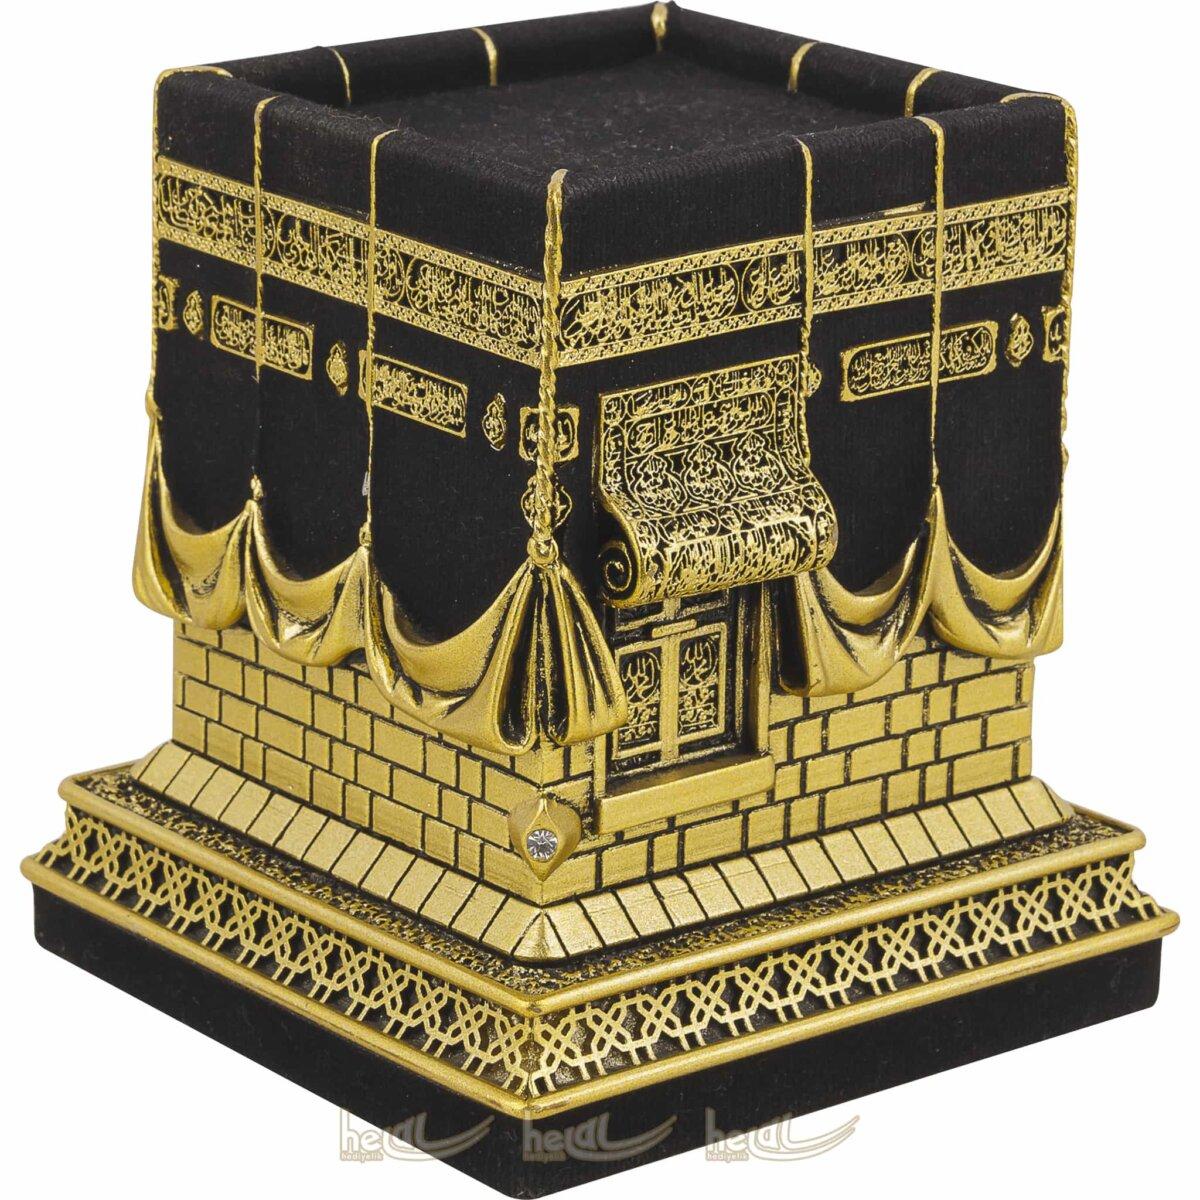 Küçük Boy Kadifeli 3 Boyutlu Orijinal Kabe Biblo Taşlı Lüks Dini Hediyeler ( 9×9,5×11 cm) Biblolar